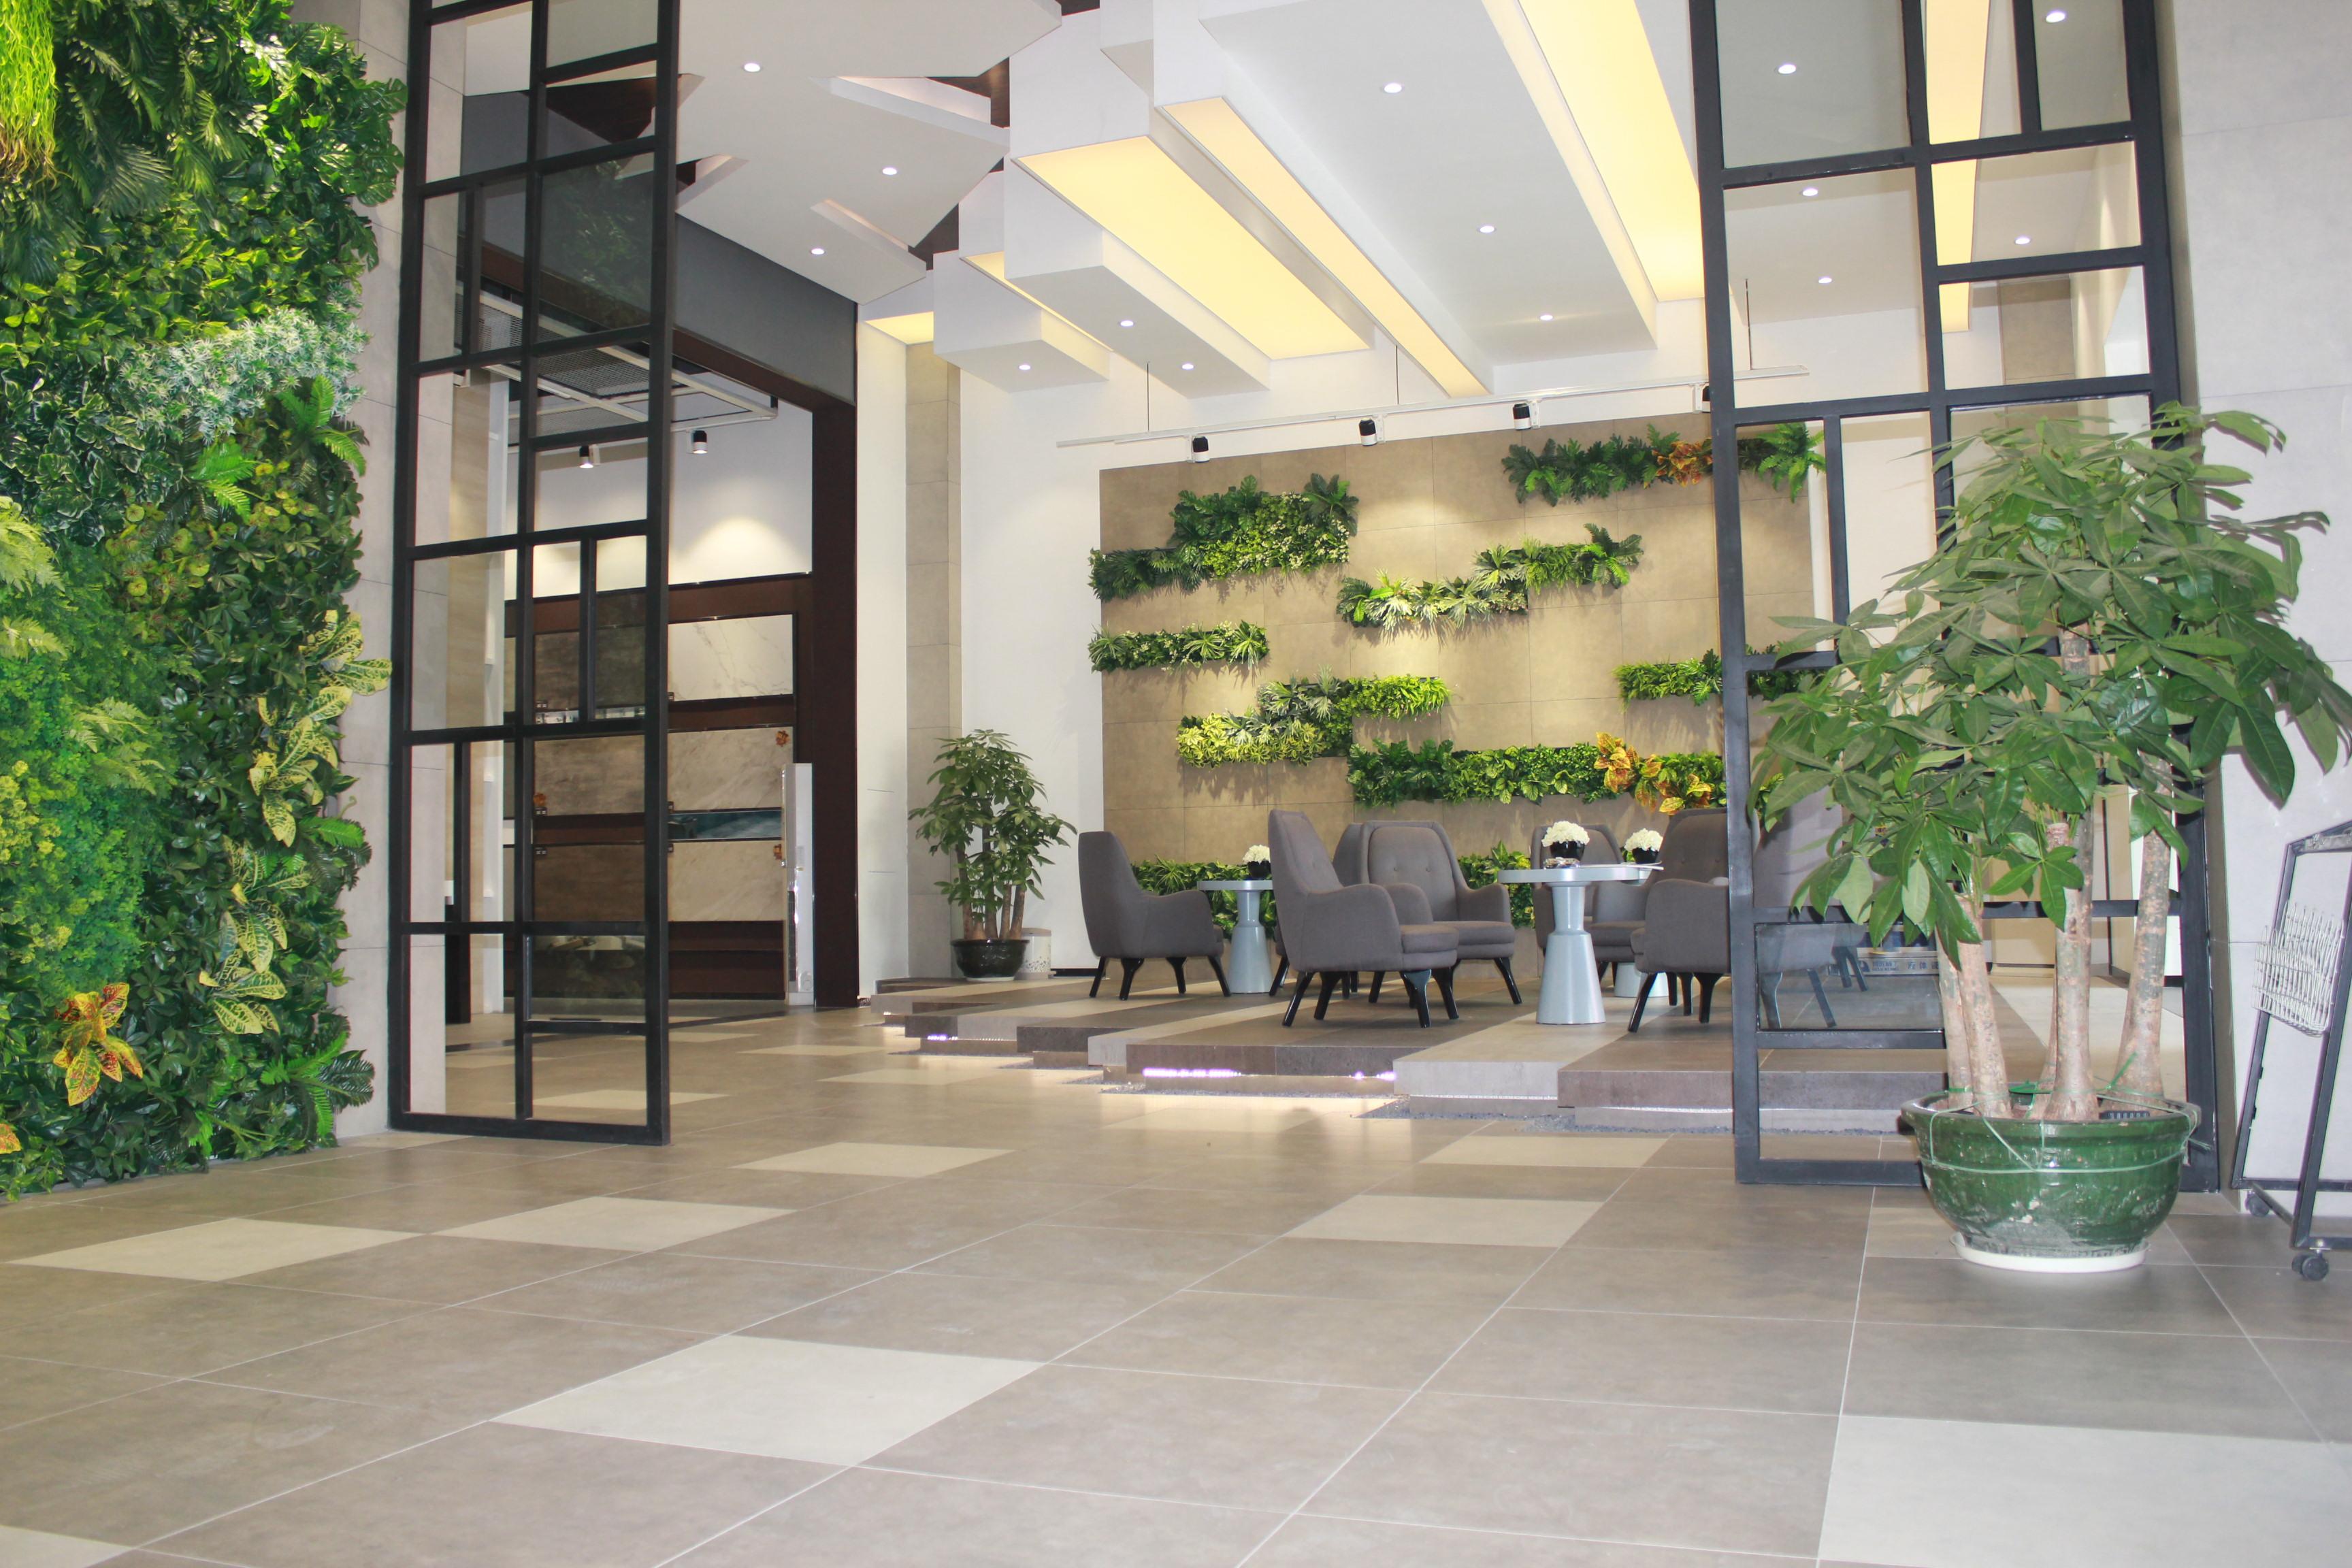 恺瑟格斯公司展厅--大厅